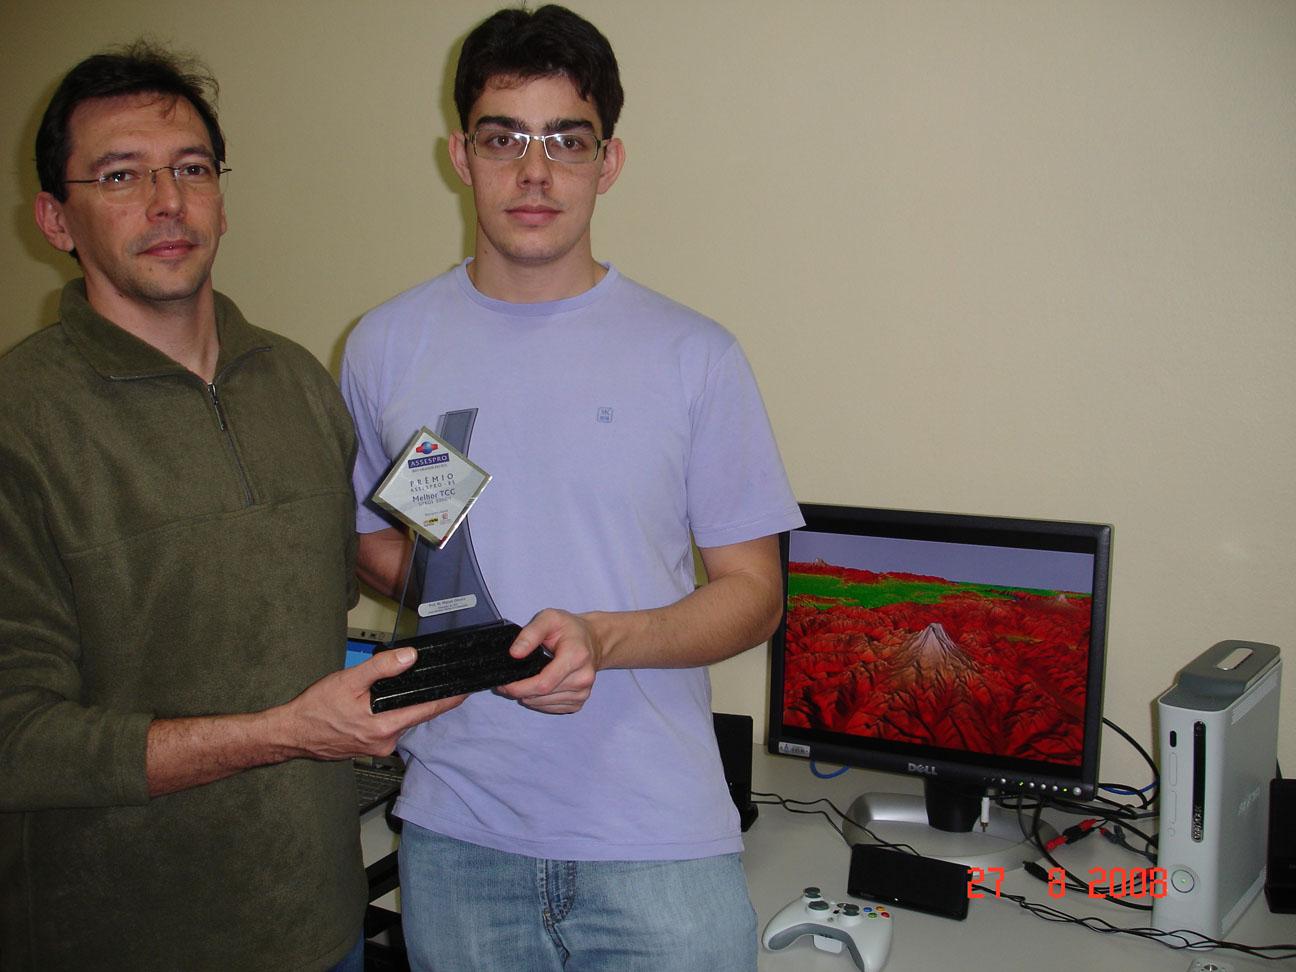 Pons_ASSESPRO_2008_award